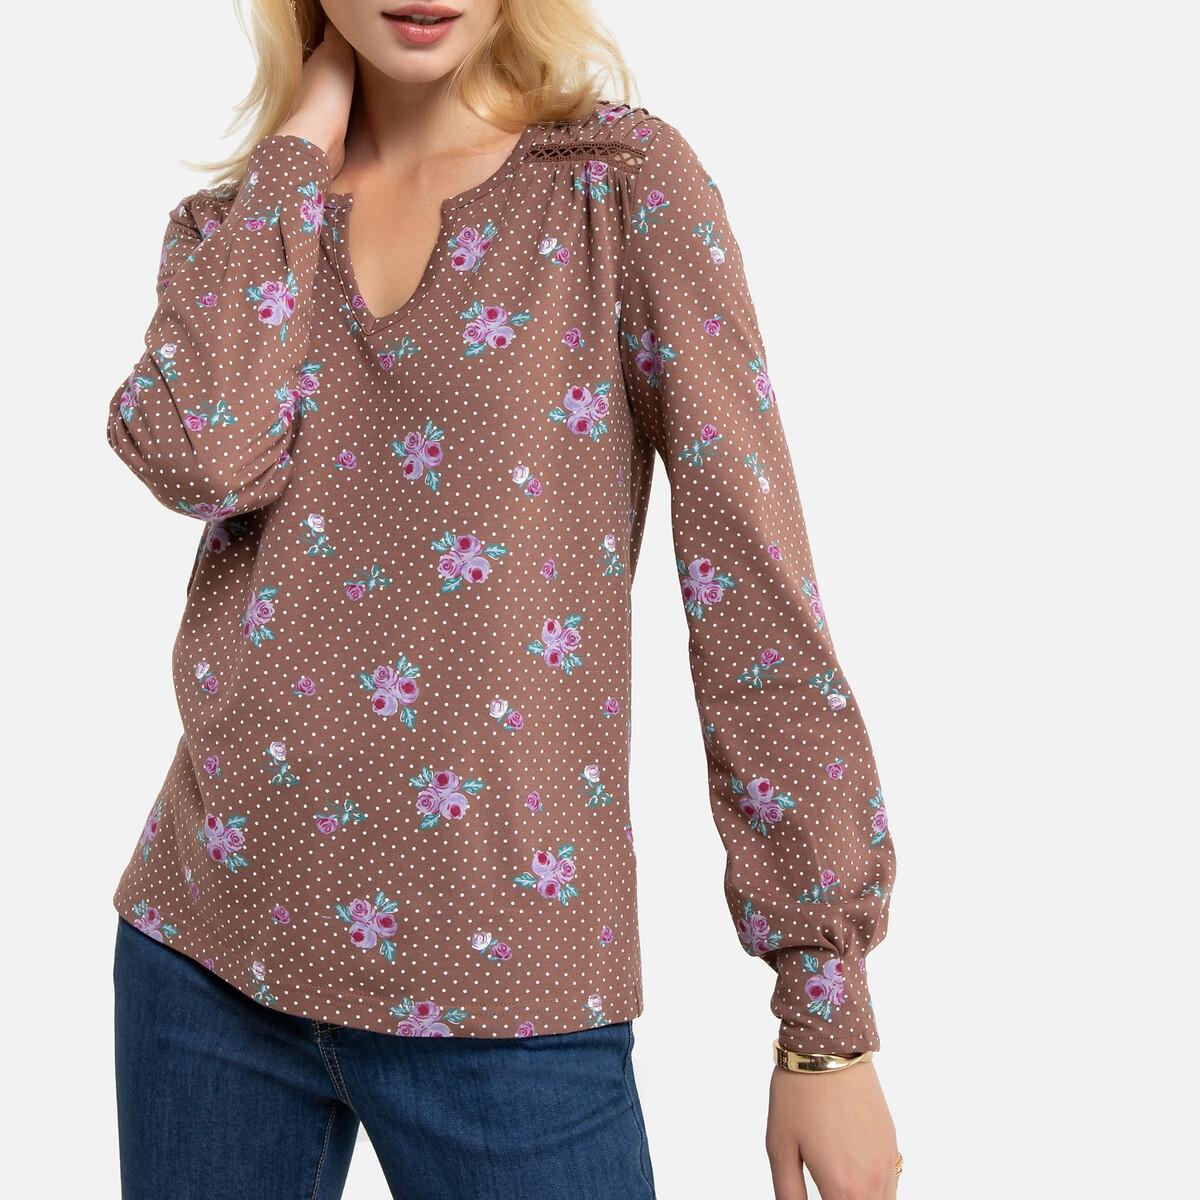 Blusa estampada com decote tunisino, em algodão & modal